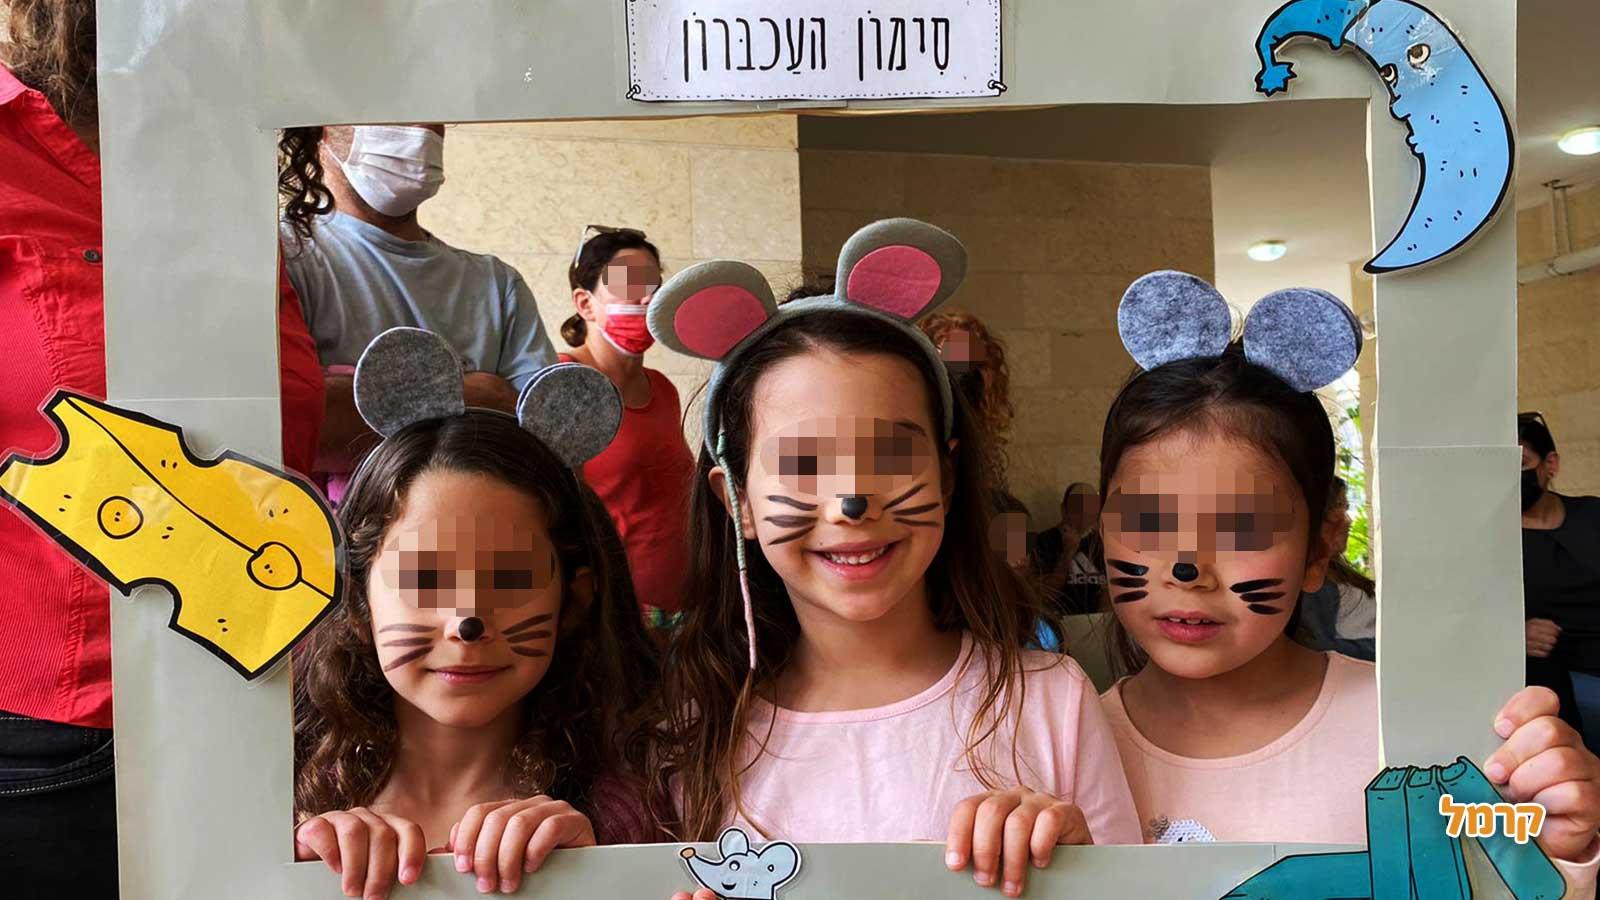 סימון העכברון - חגיגה שעולה על הדמיון - 073-7590592